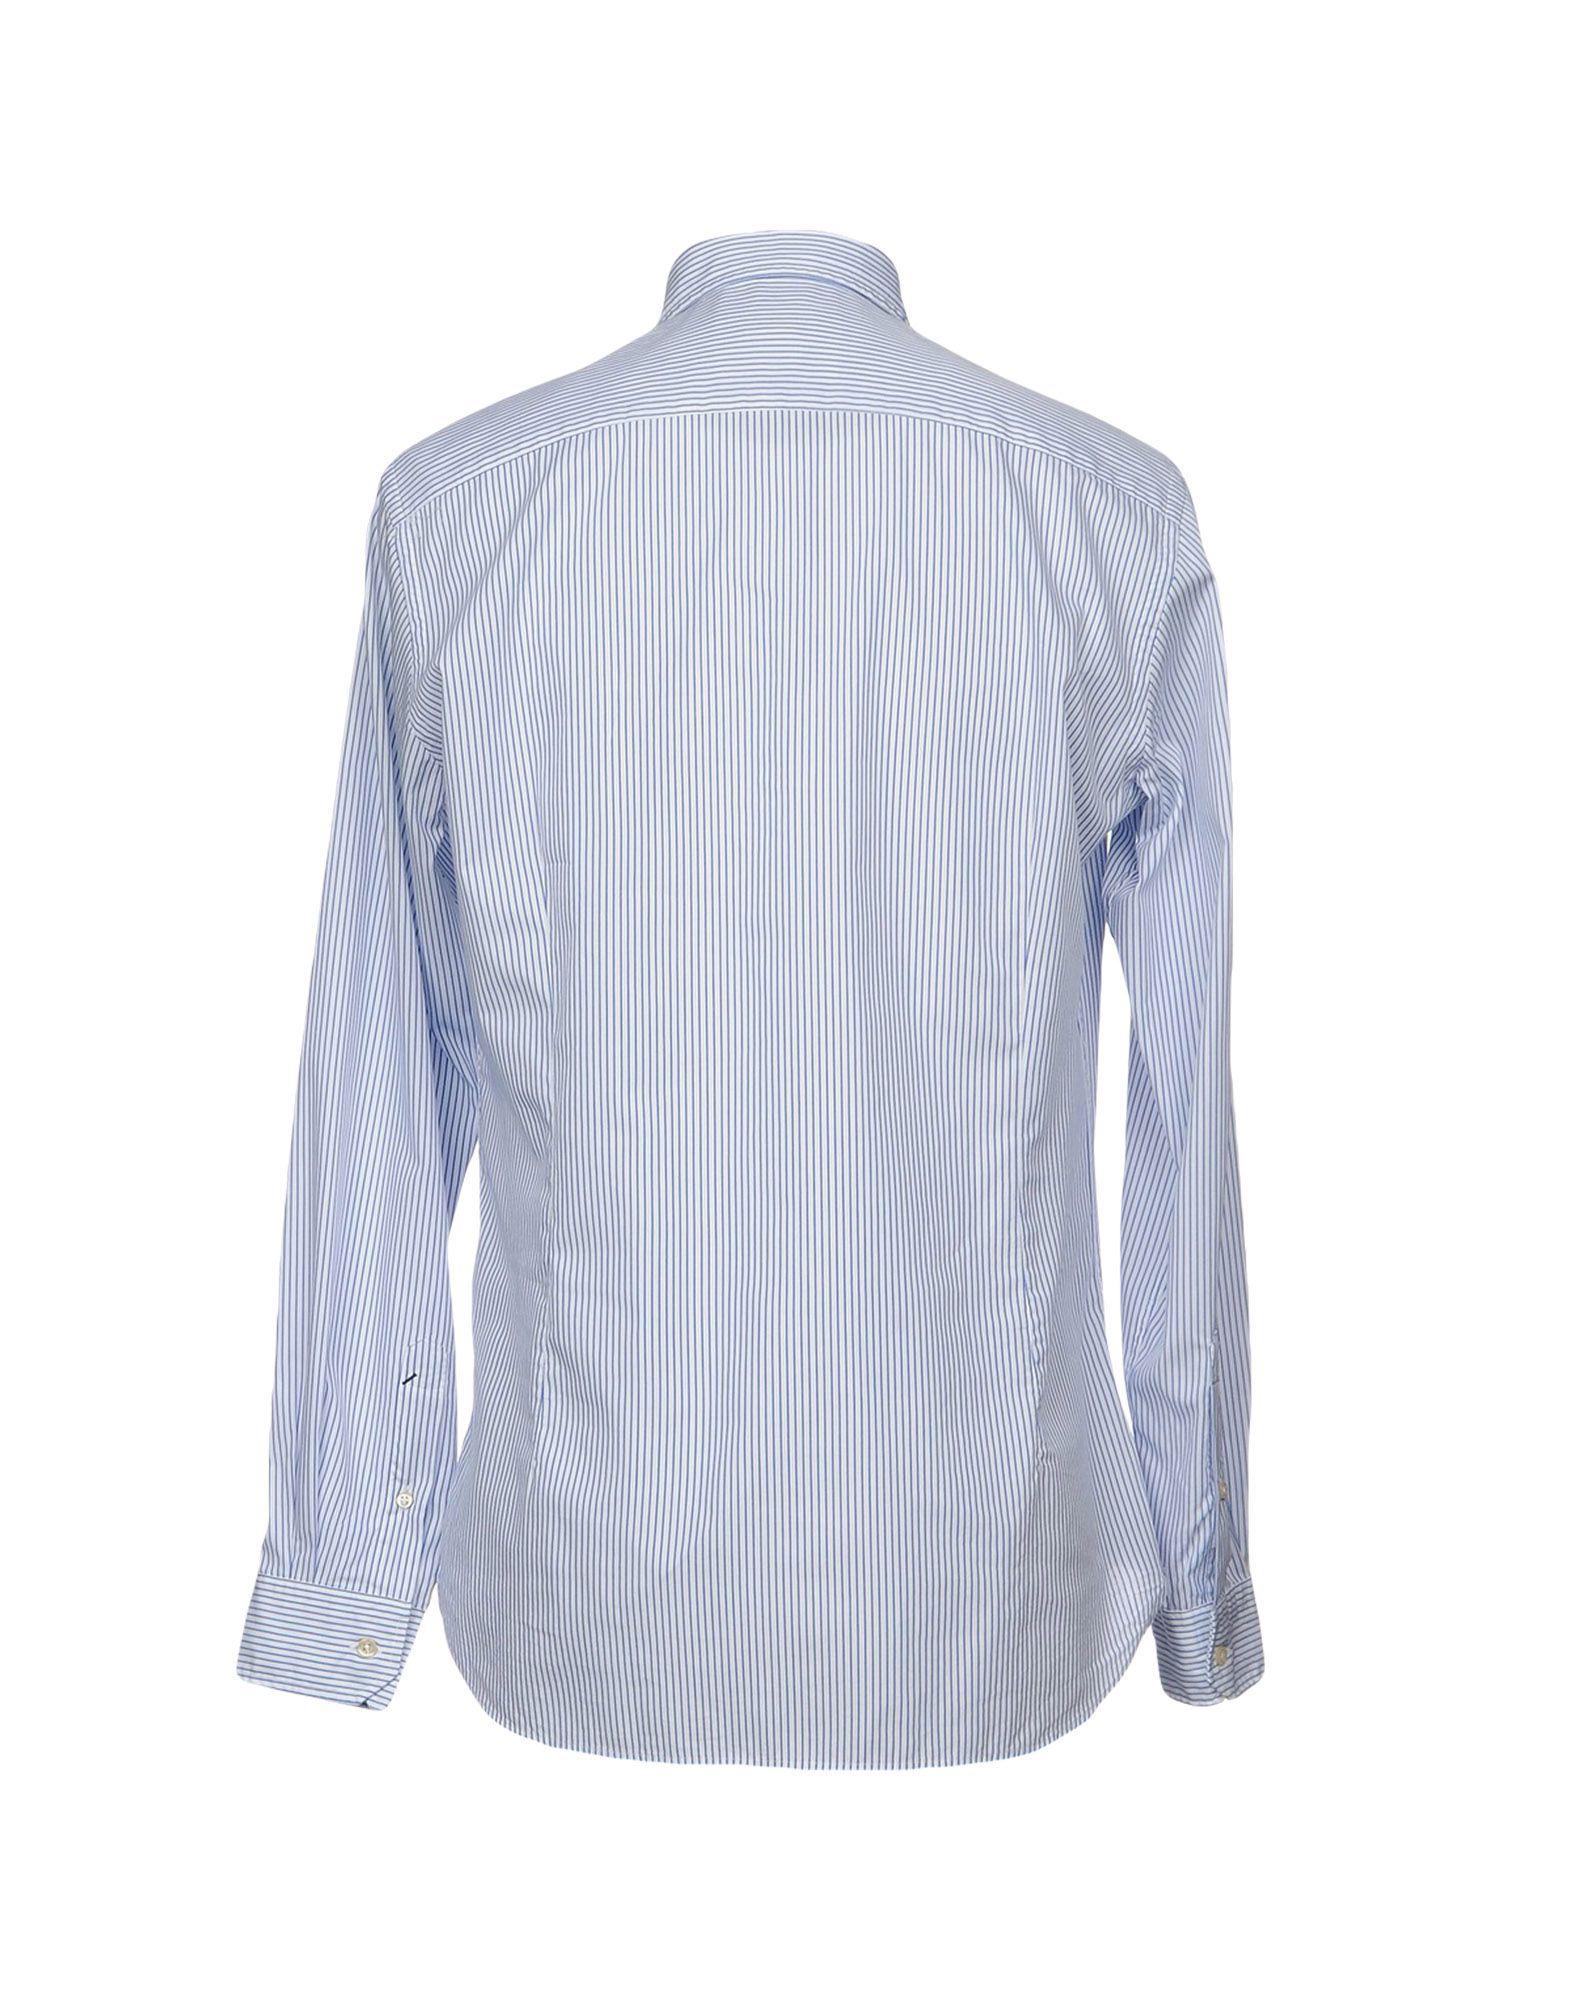 Camicia A Righe Righe A U.S.Polo Assn. Uomo - 38691955TE fc3170